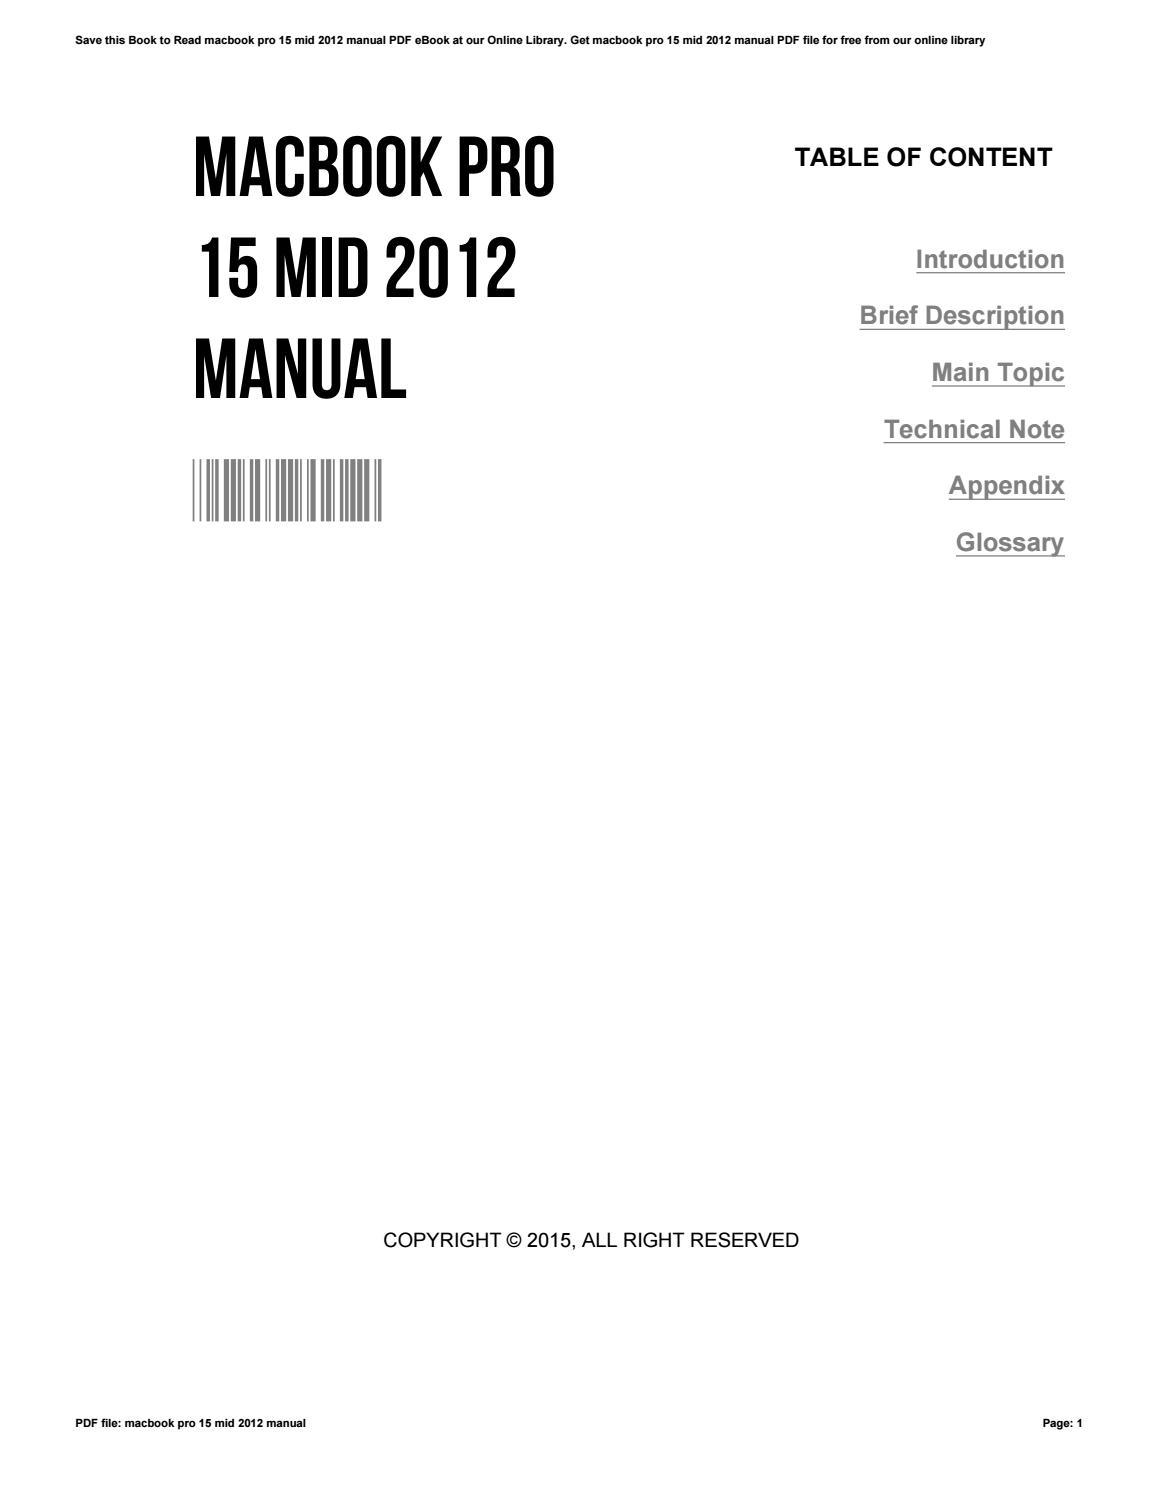 Mac pro 2010 manual